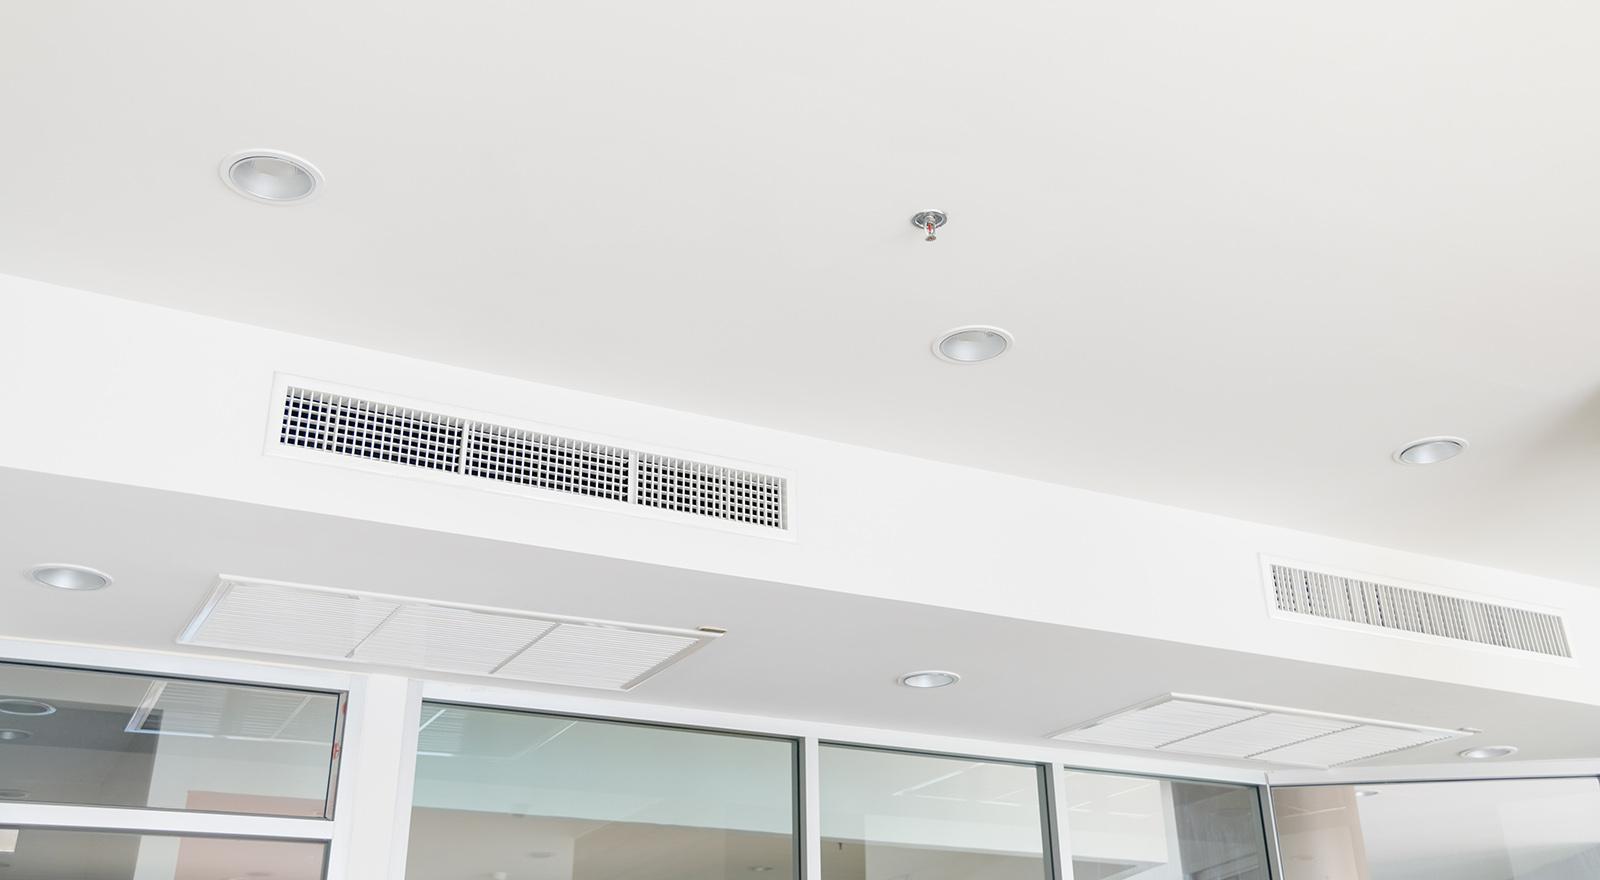 Behöver du hjälp med ventilation i Skåne? Vårt företag har lång erfarenhet av ventilation i Skåne.